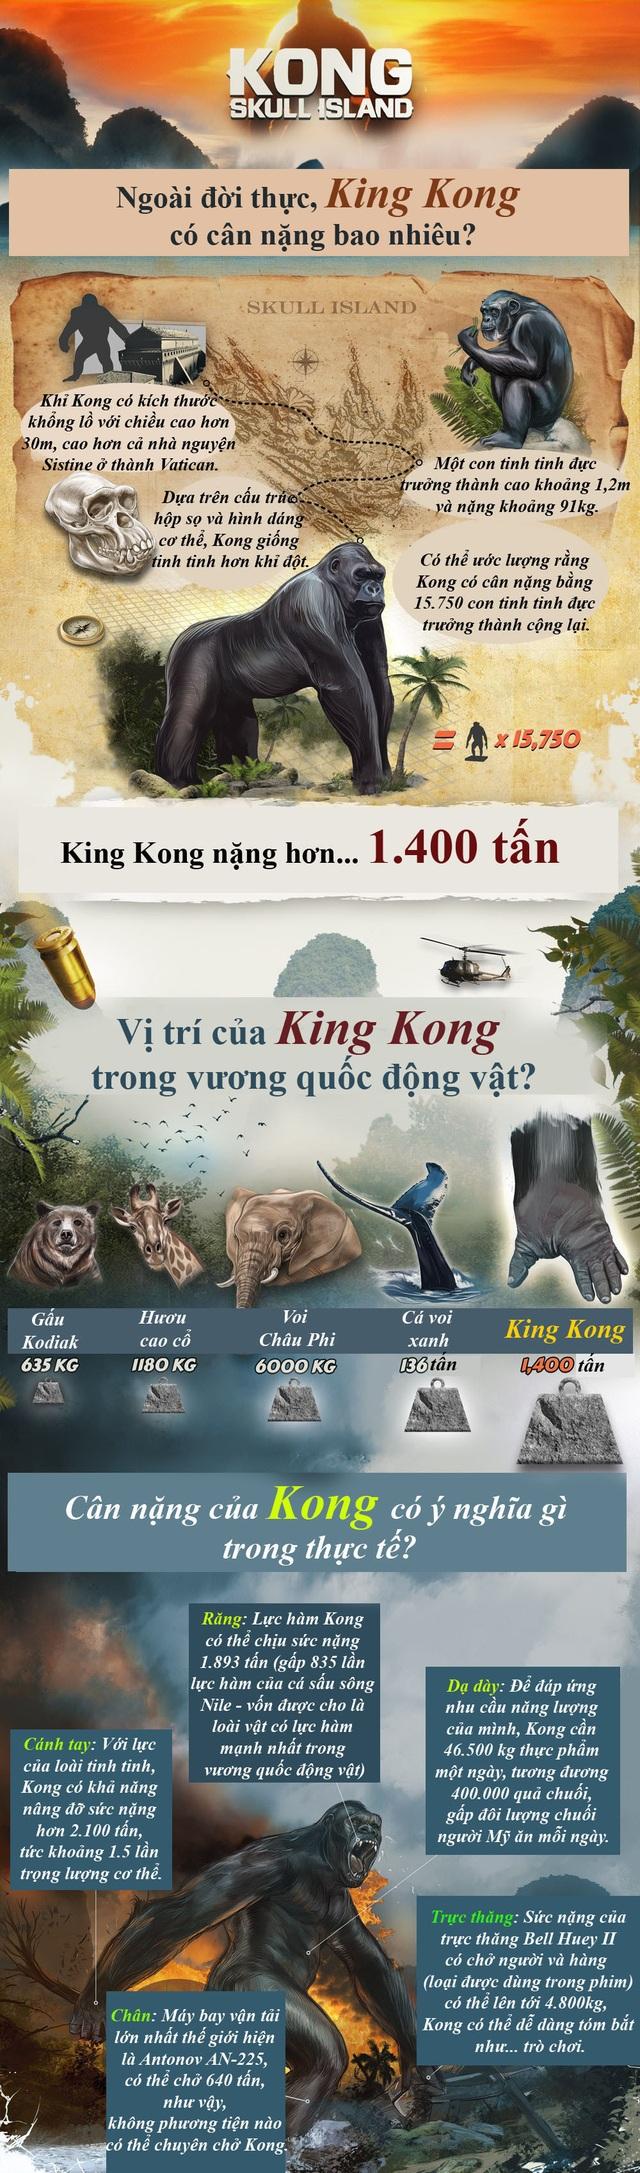 400.000 trái chuối cho King Kong ăn trong một ngày? - 1